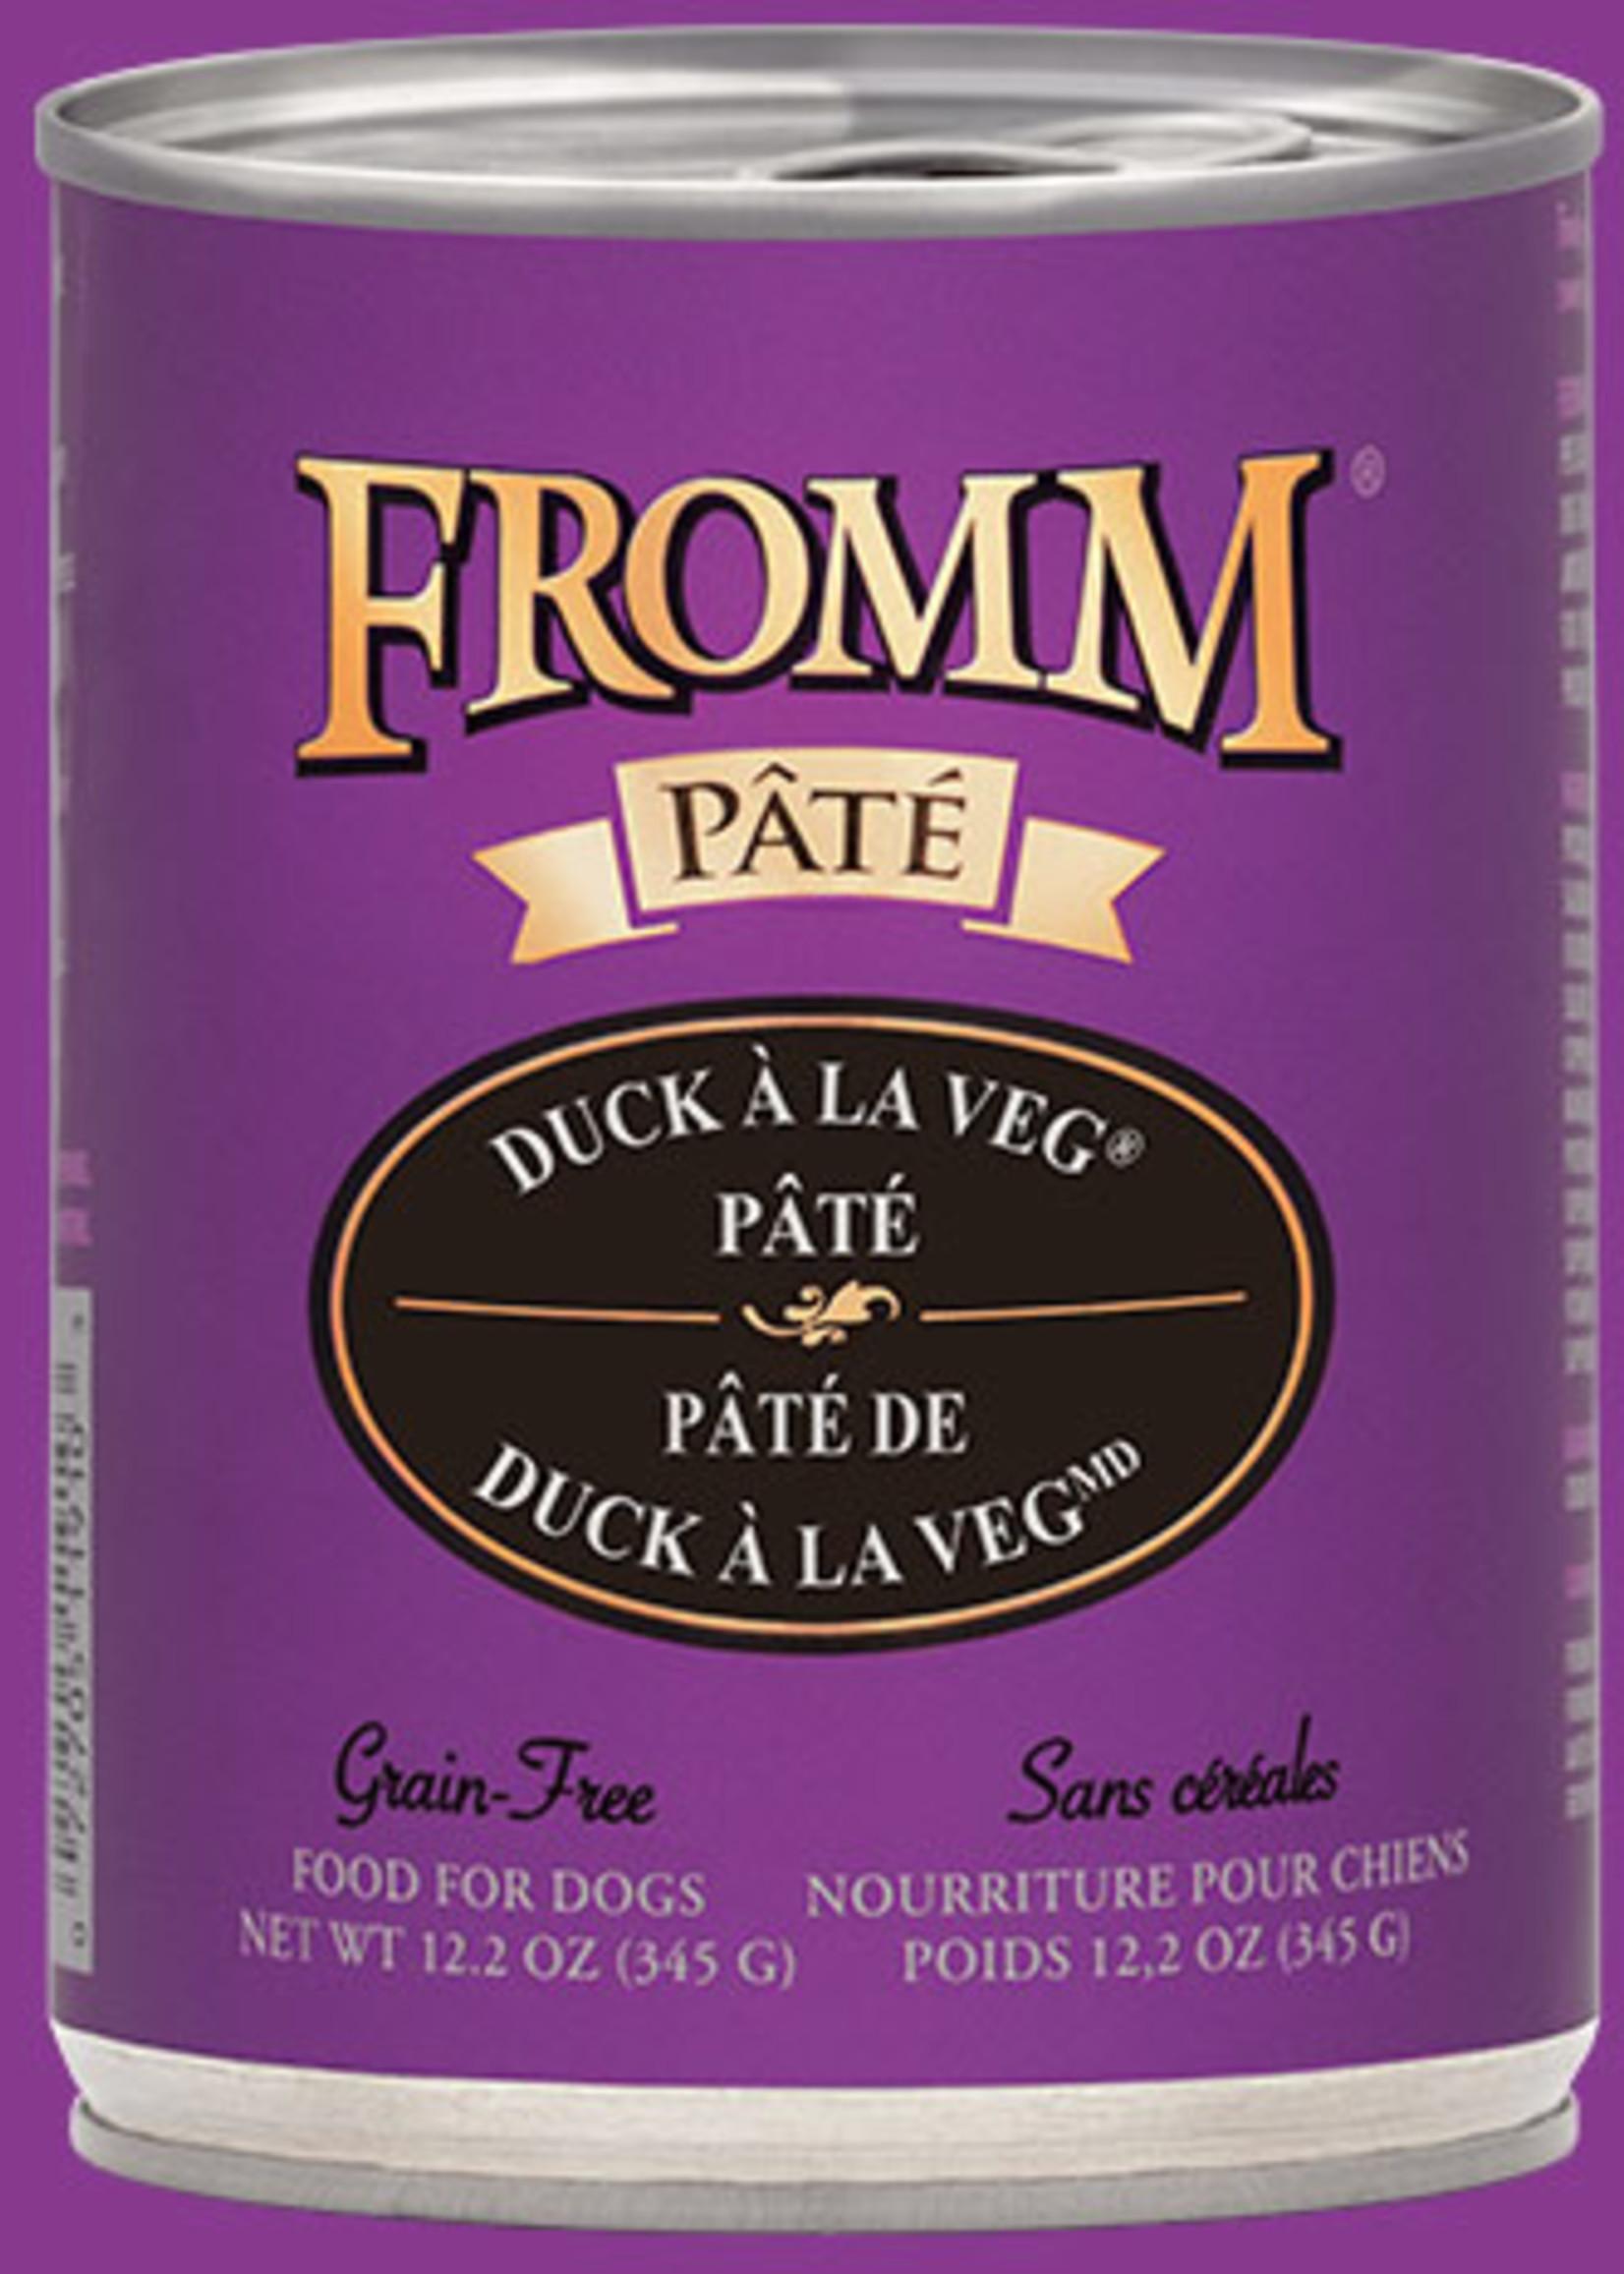 Fromm® Fromm GF Duck À La Veg® Pâté 12oz